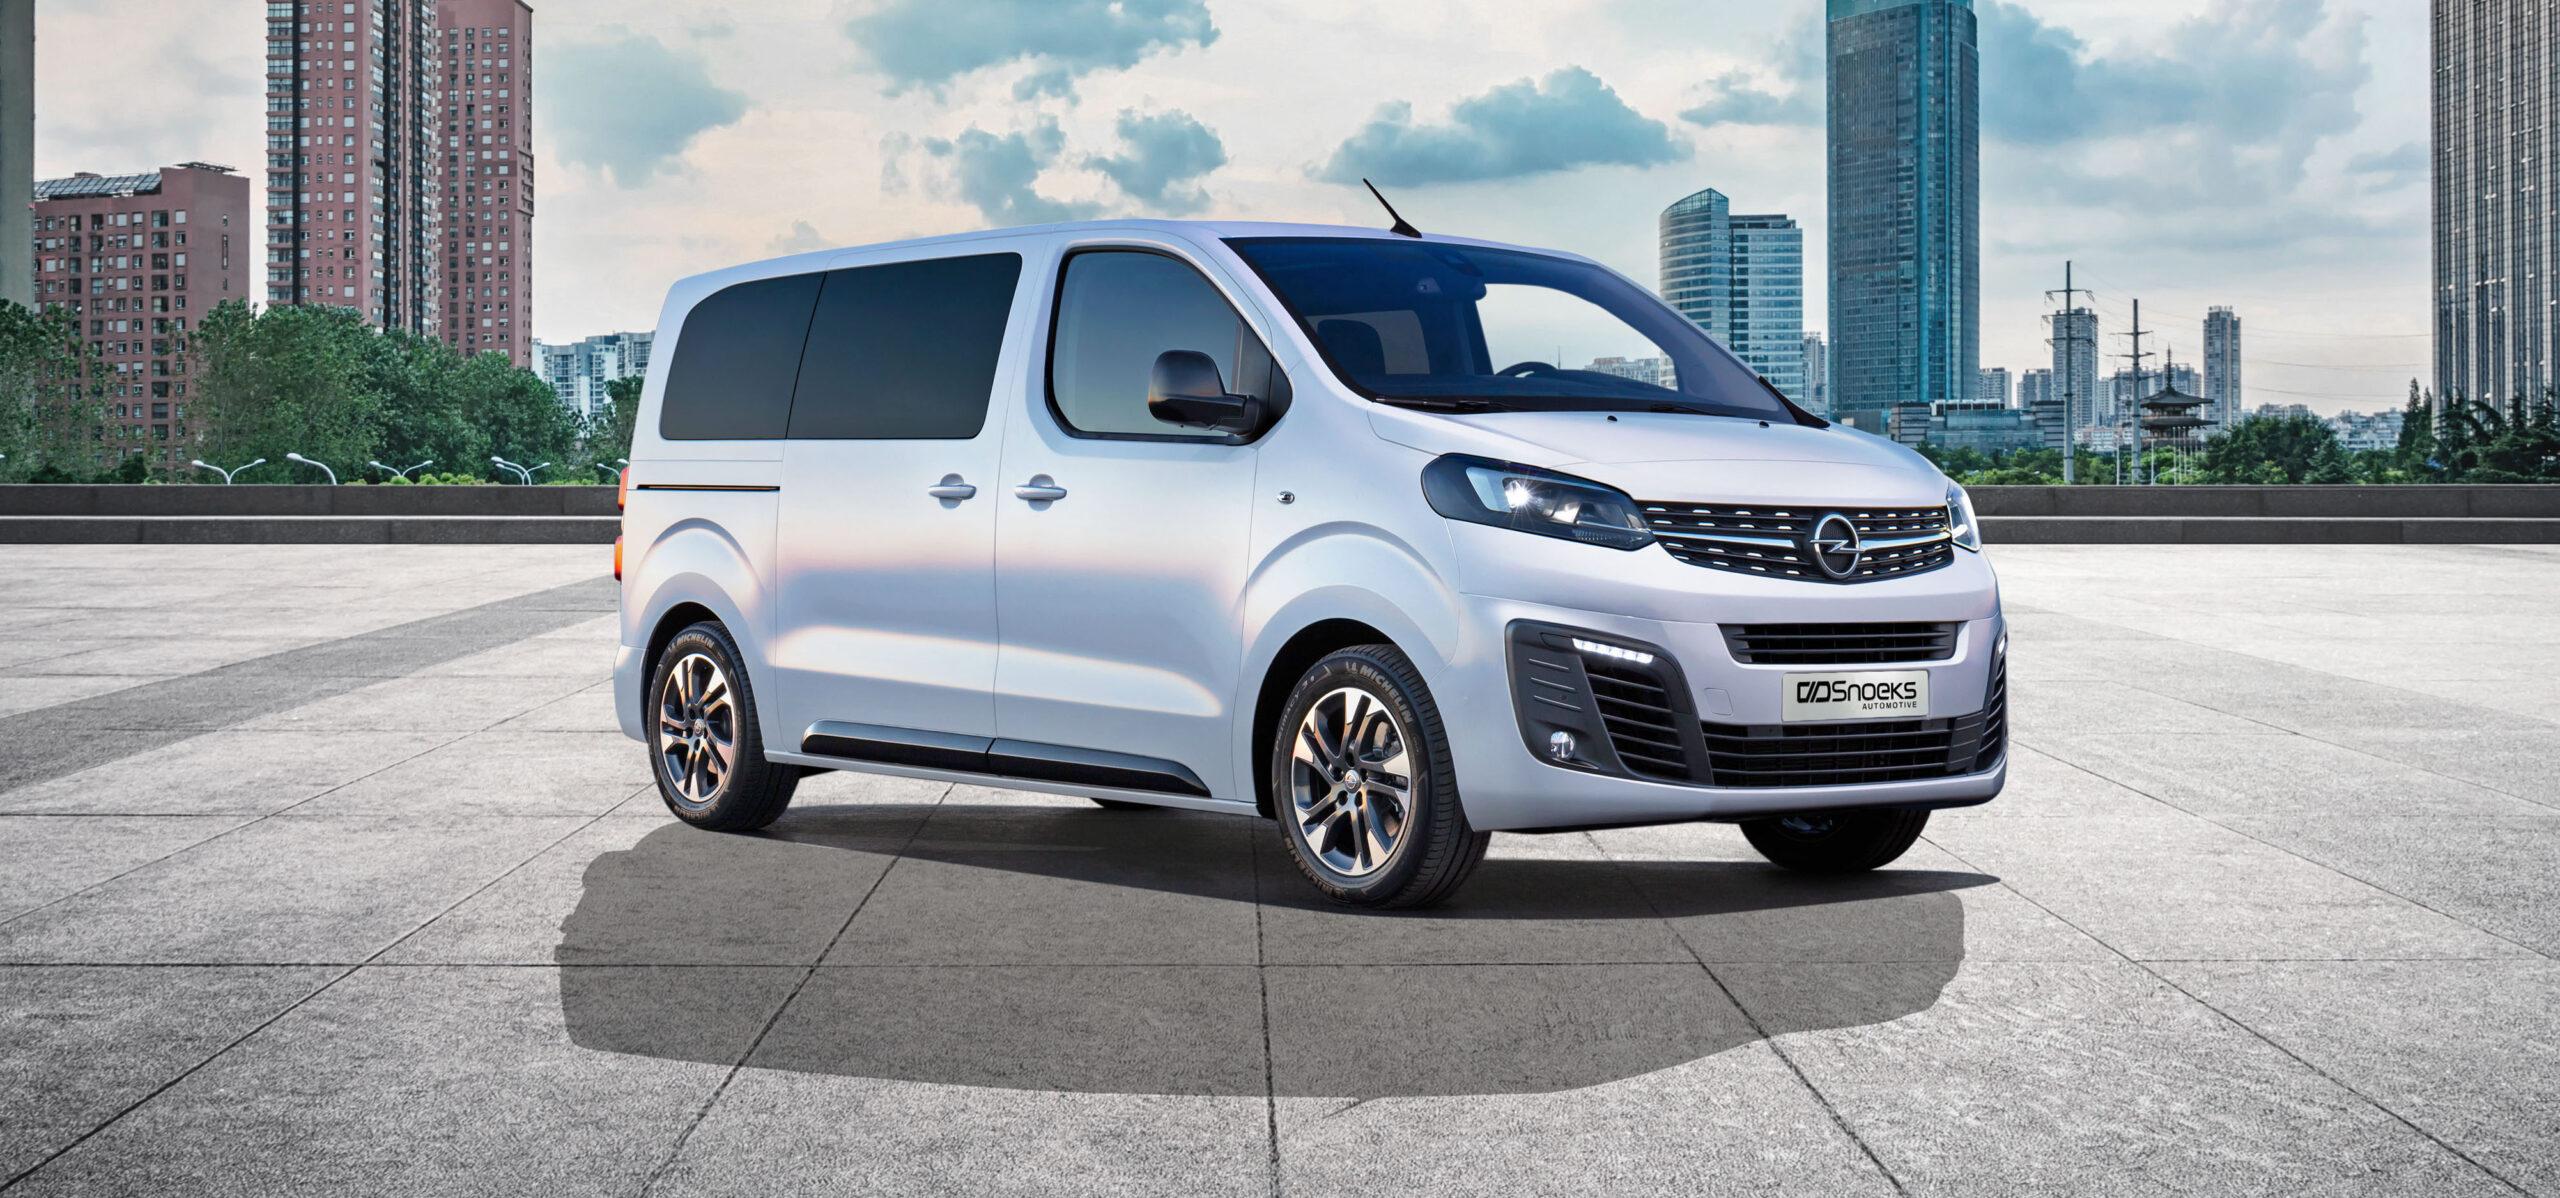 Opel Vivaro Crew Van by Snoeks